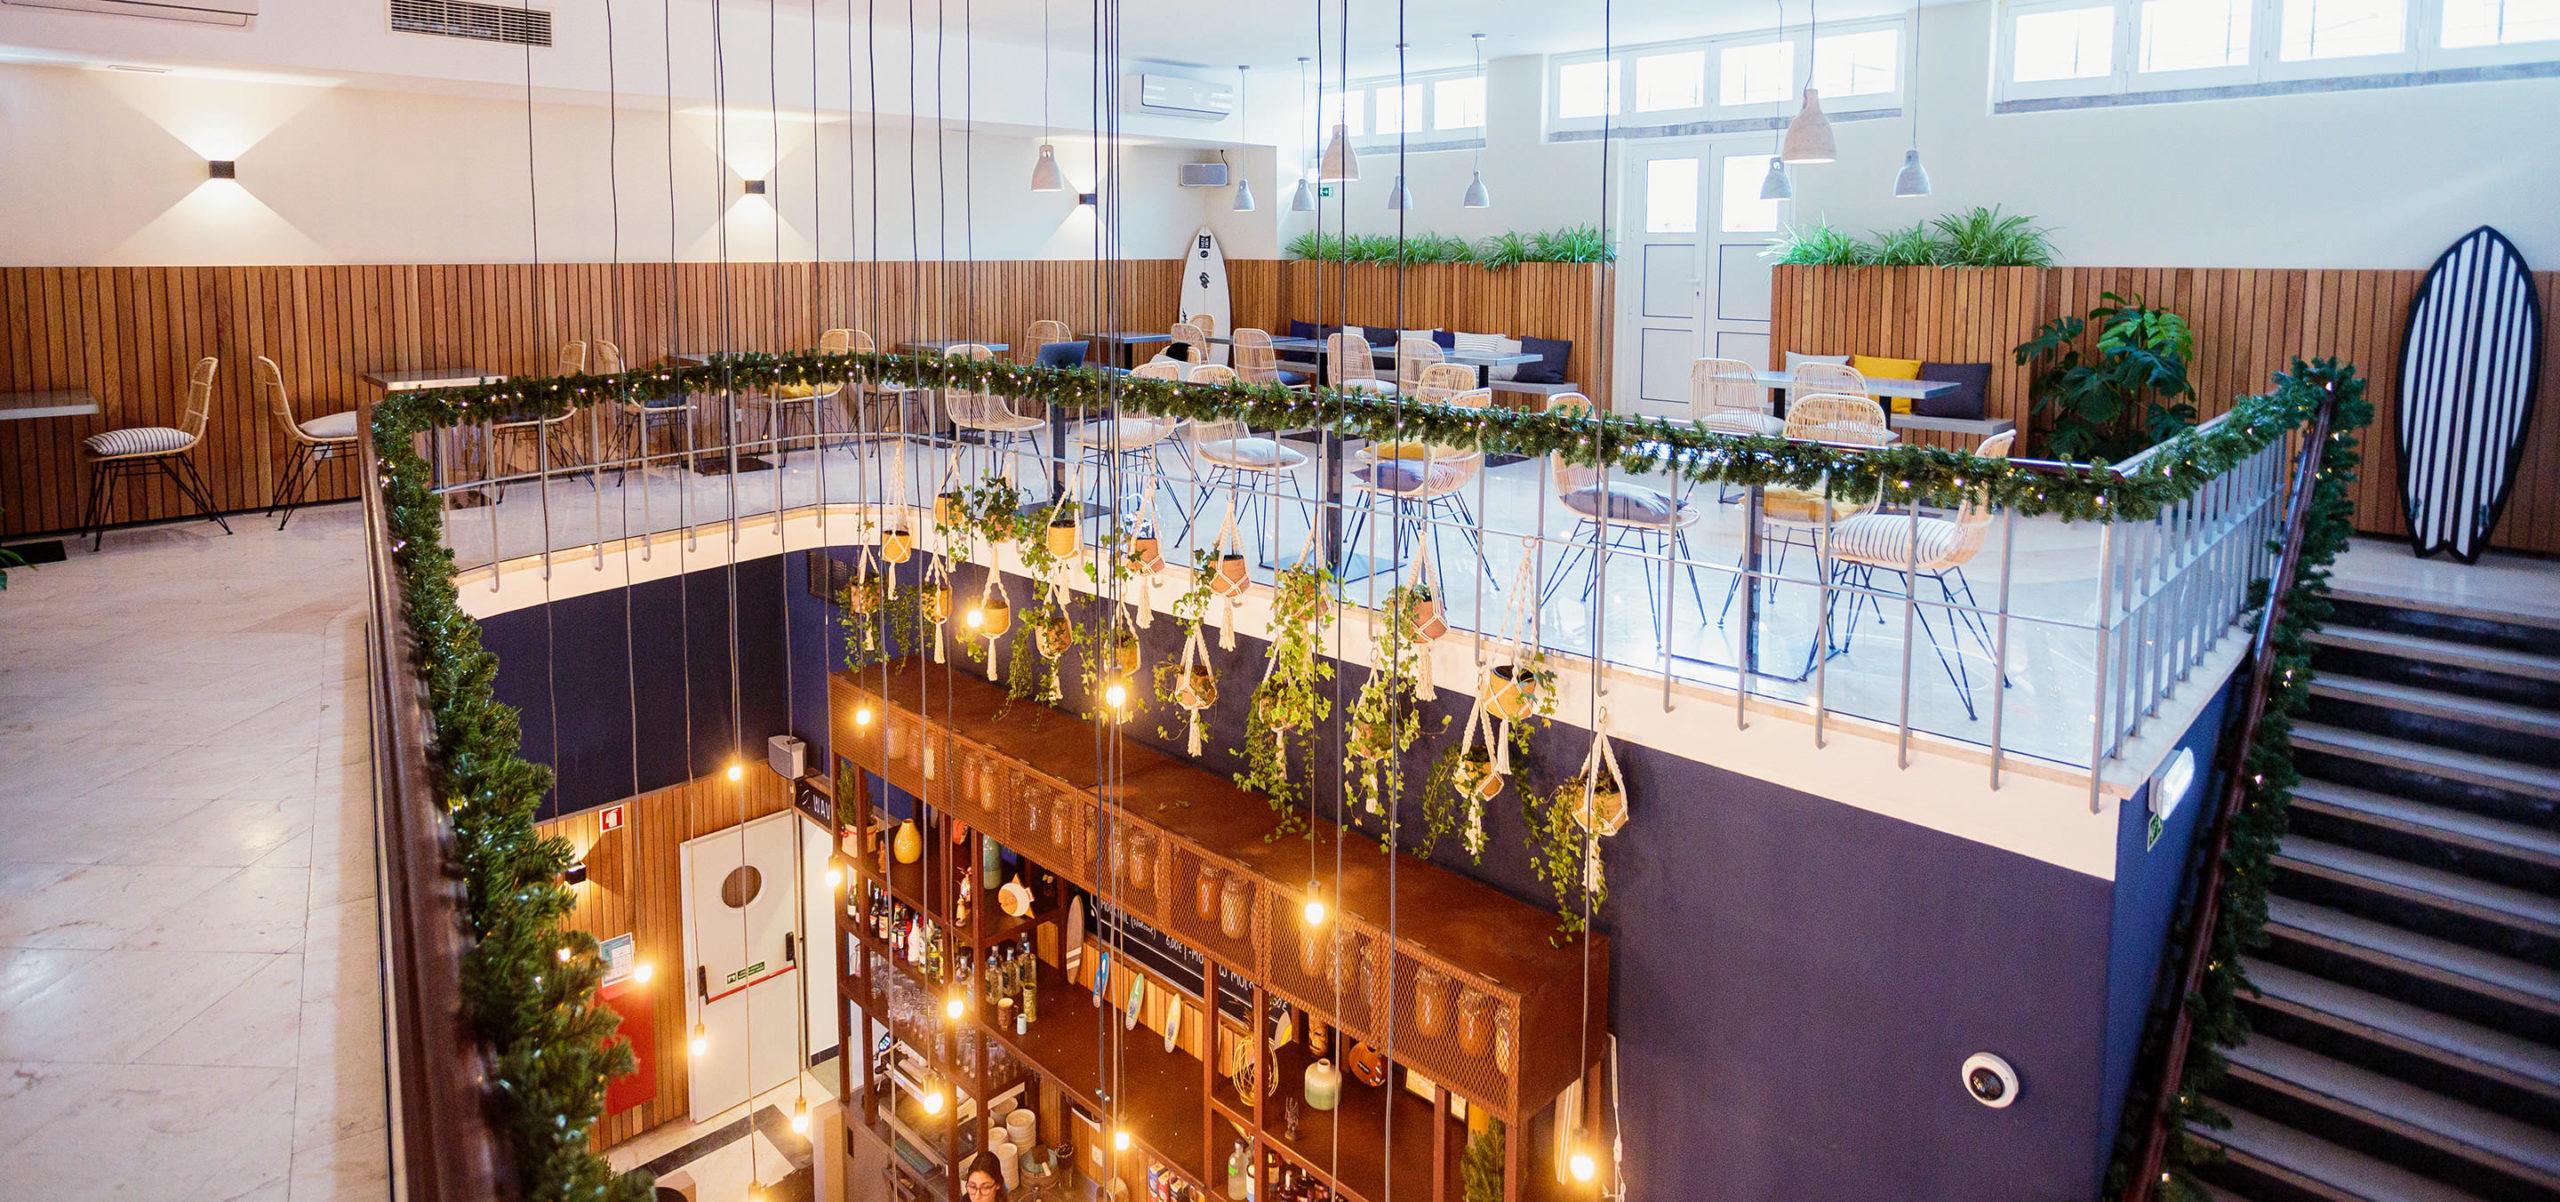 Label Experience : Vue du deuxième étage du tiers-lieu « The Wave Factory » à Lisbonne.